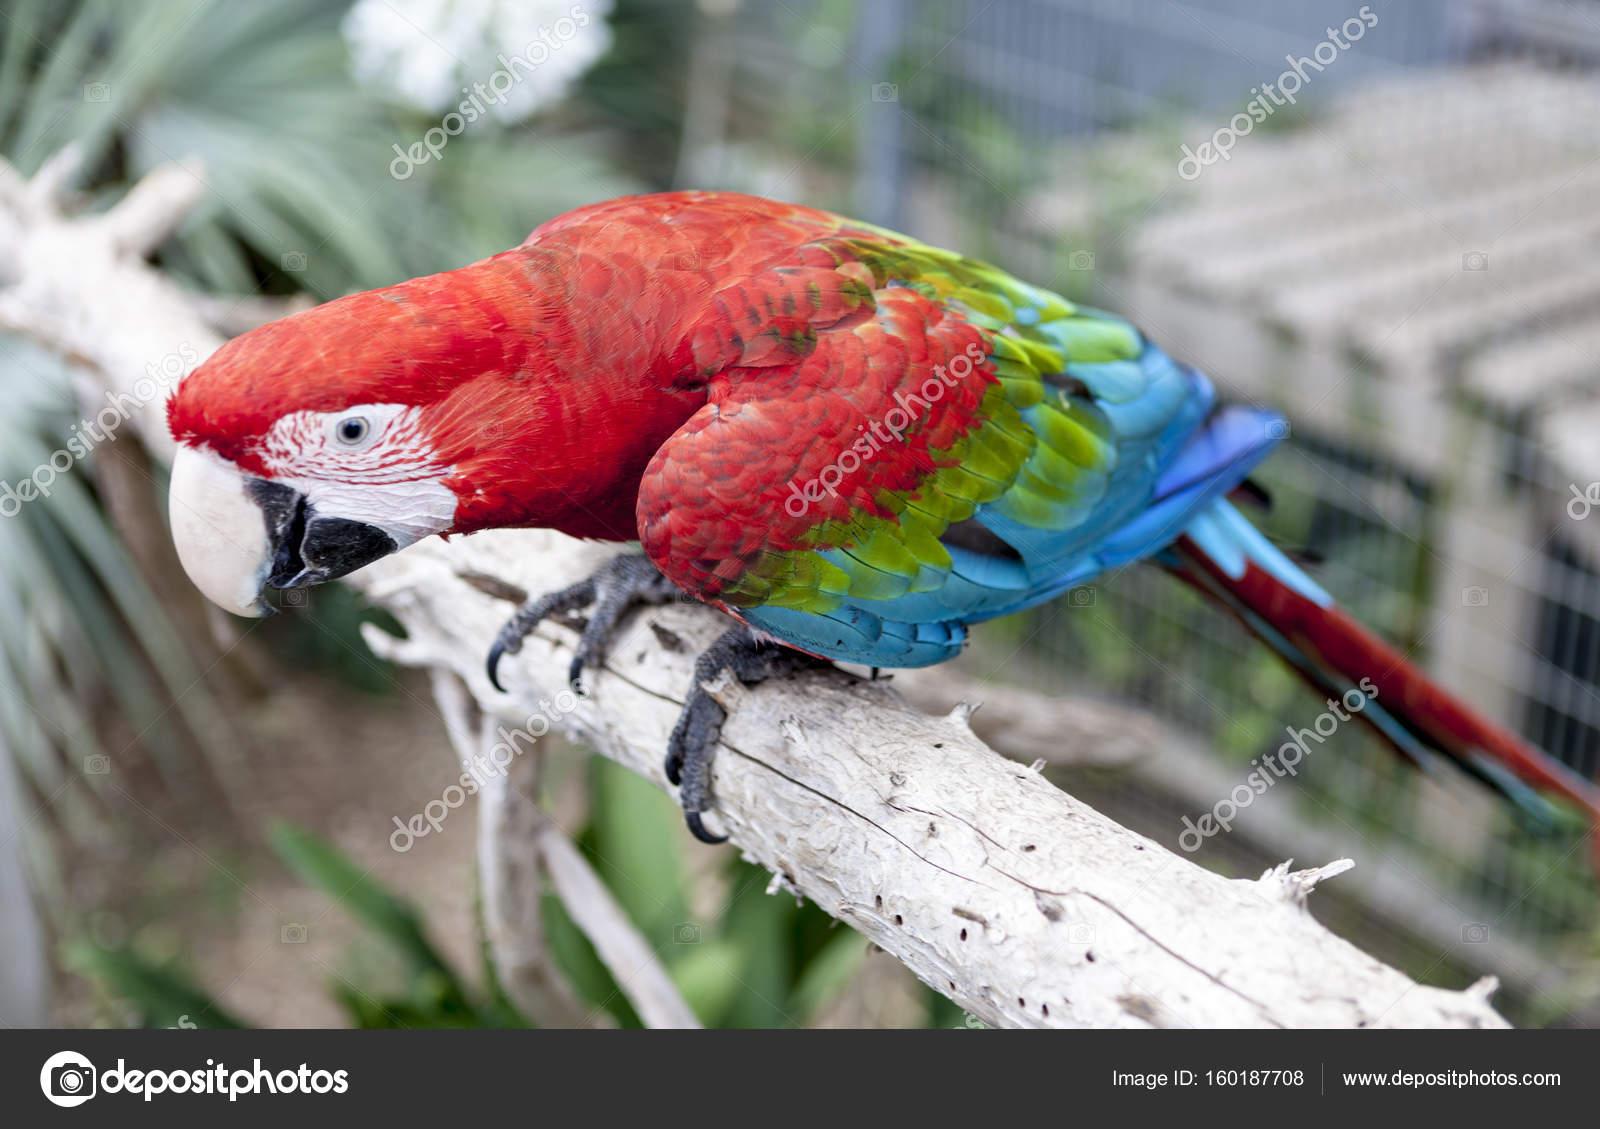 μόνο μεγάλο πουλί φωτογραφία